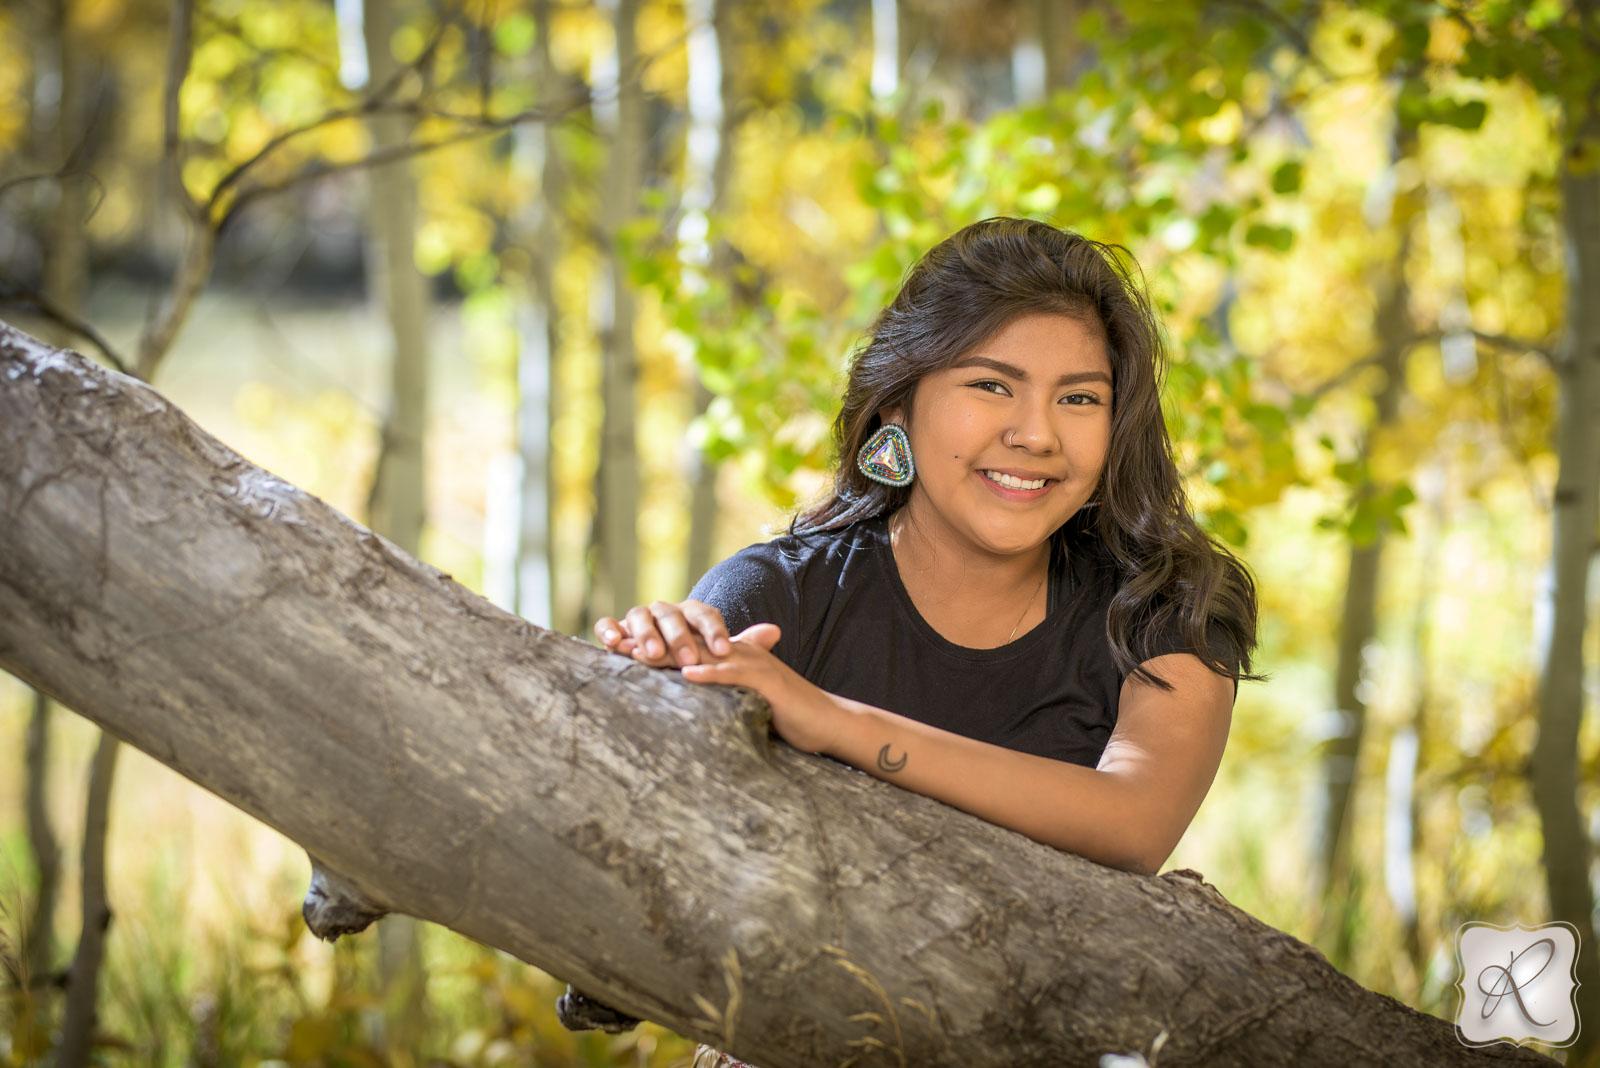 Colorado Senior Portraits